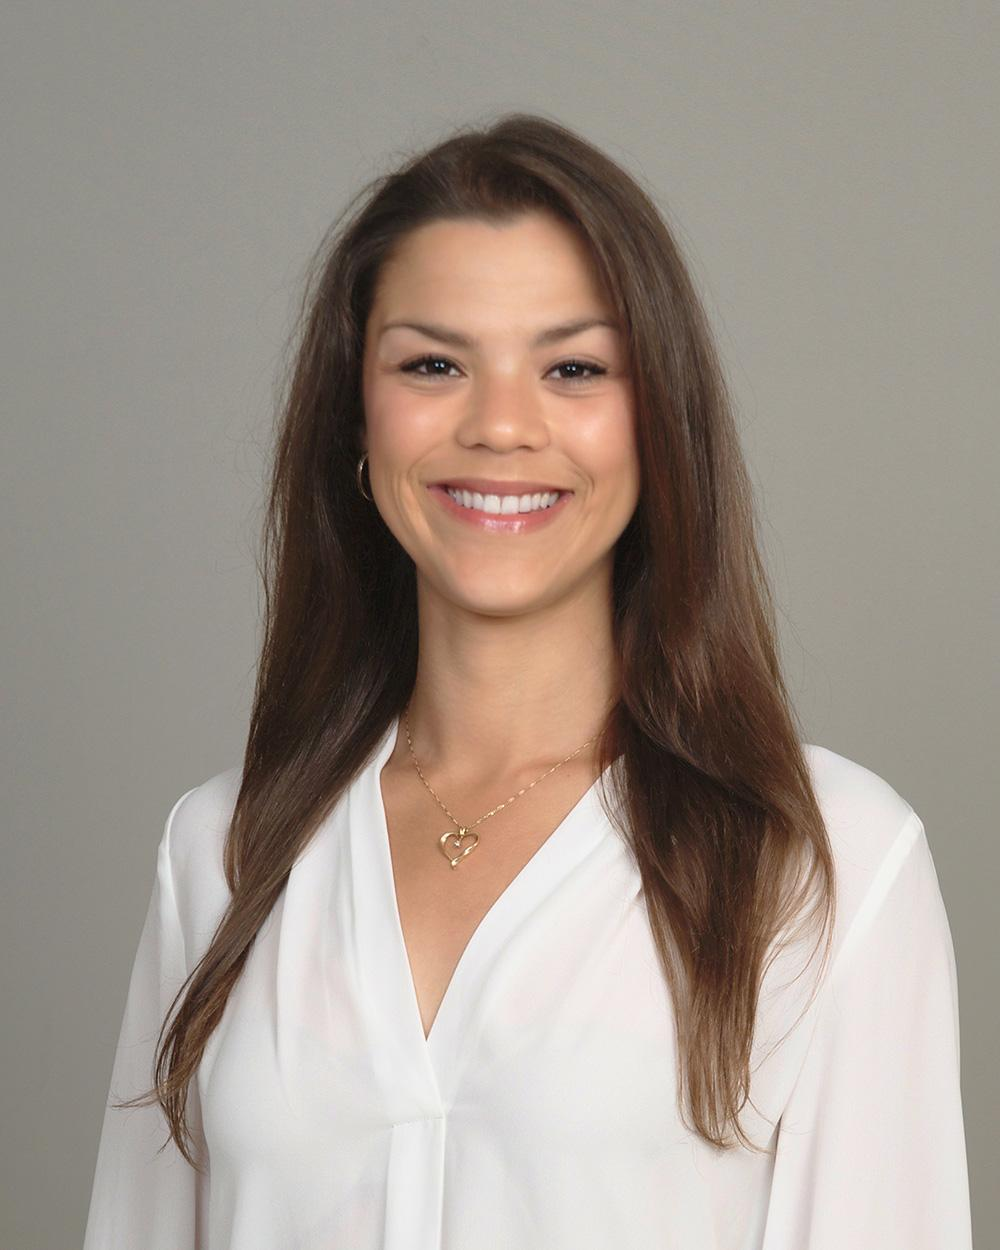 Profile Photo of Dr. Elizabeth Betances - None